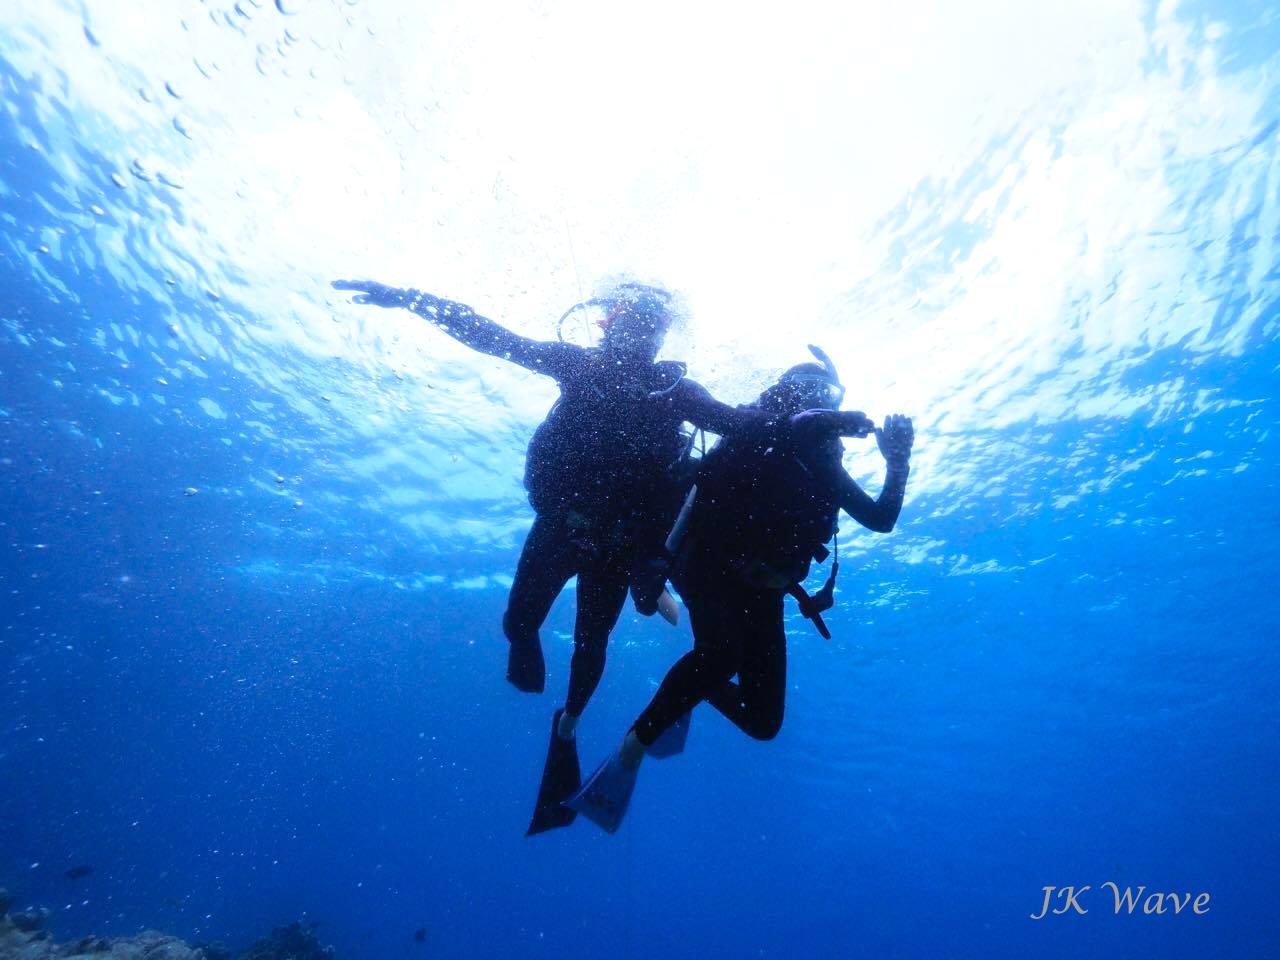 ジェイケ-ウェーブJK-Wave沖縄ドローン空撮付き体験ダイビング_お客様の声011